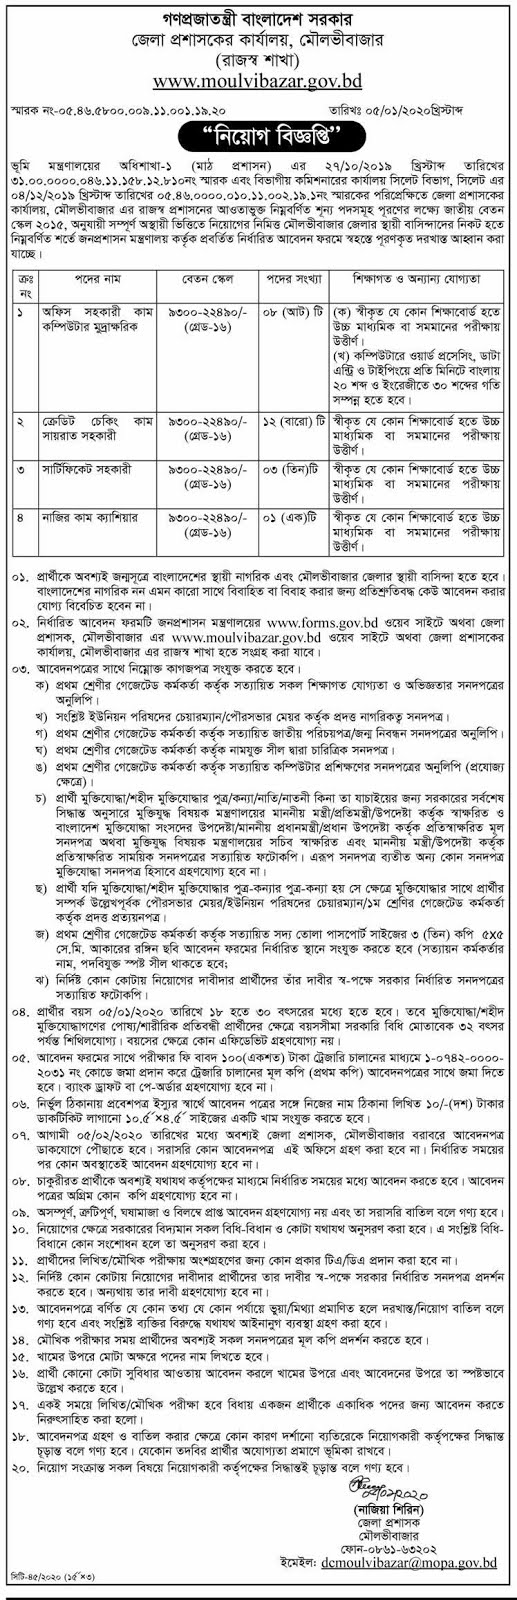 মৌলভীবাজার জেলা প্রশাসকের কার্যালয় নিয়োগ বিজ্ঞপ্তি ২০২০  MoulviBazar DC office job Circular 2020